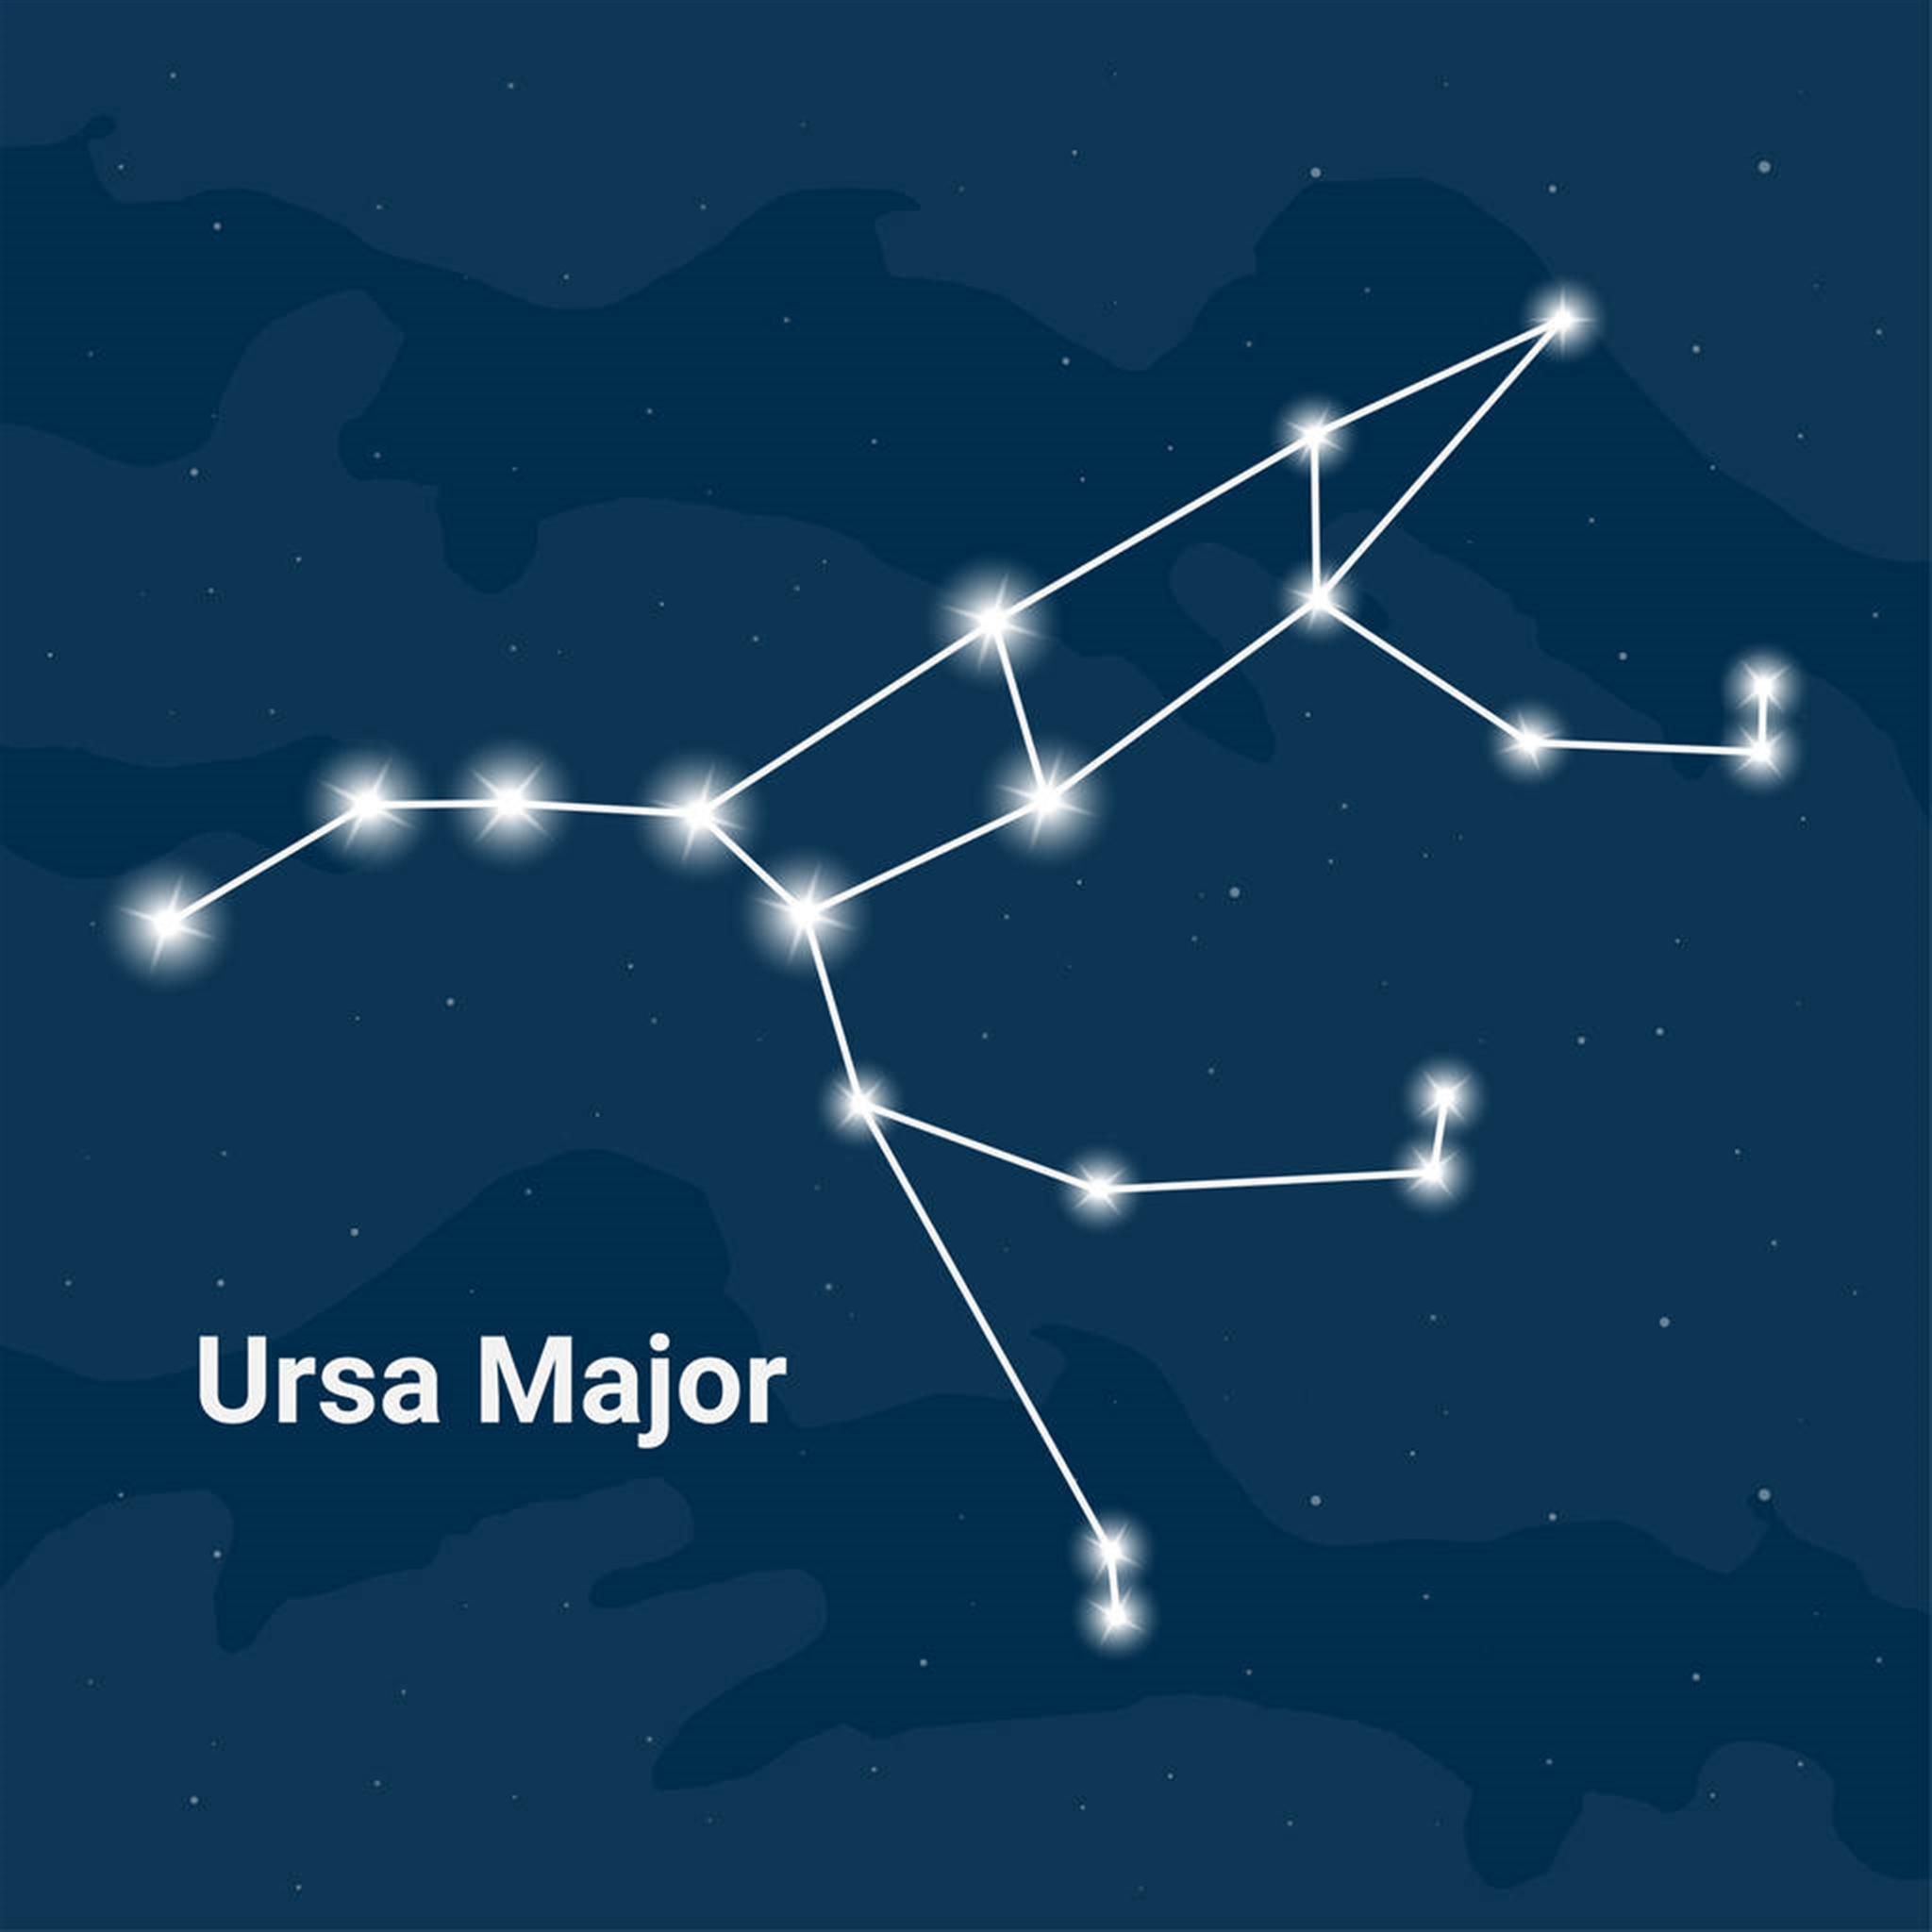 美国神婆星座网运势查询 12星座运势查询